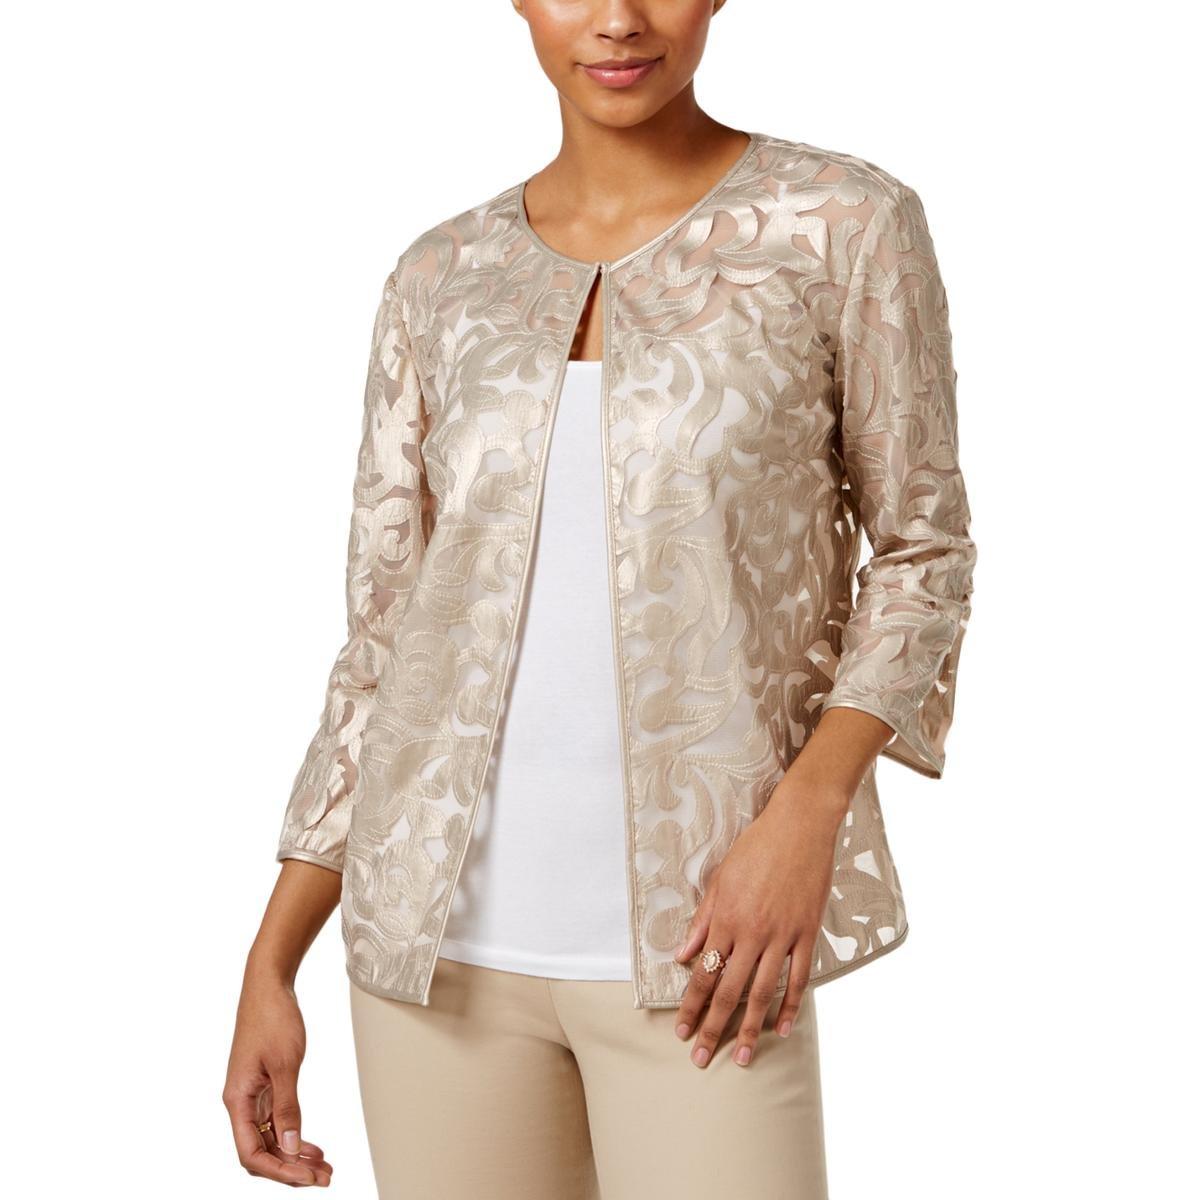 JM Collection Womens Petites Faux Leather Applique Jacket Gold PM